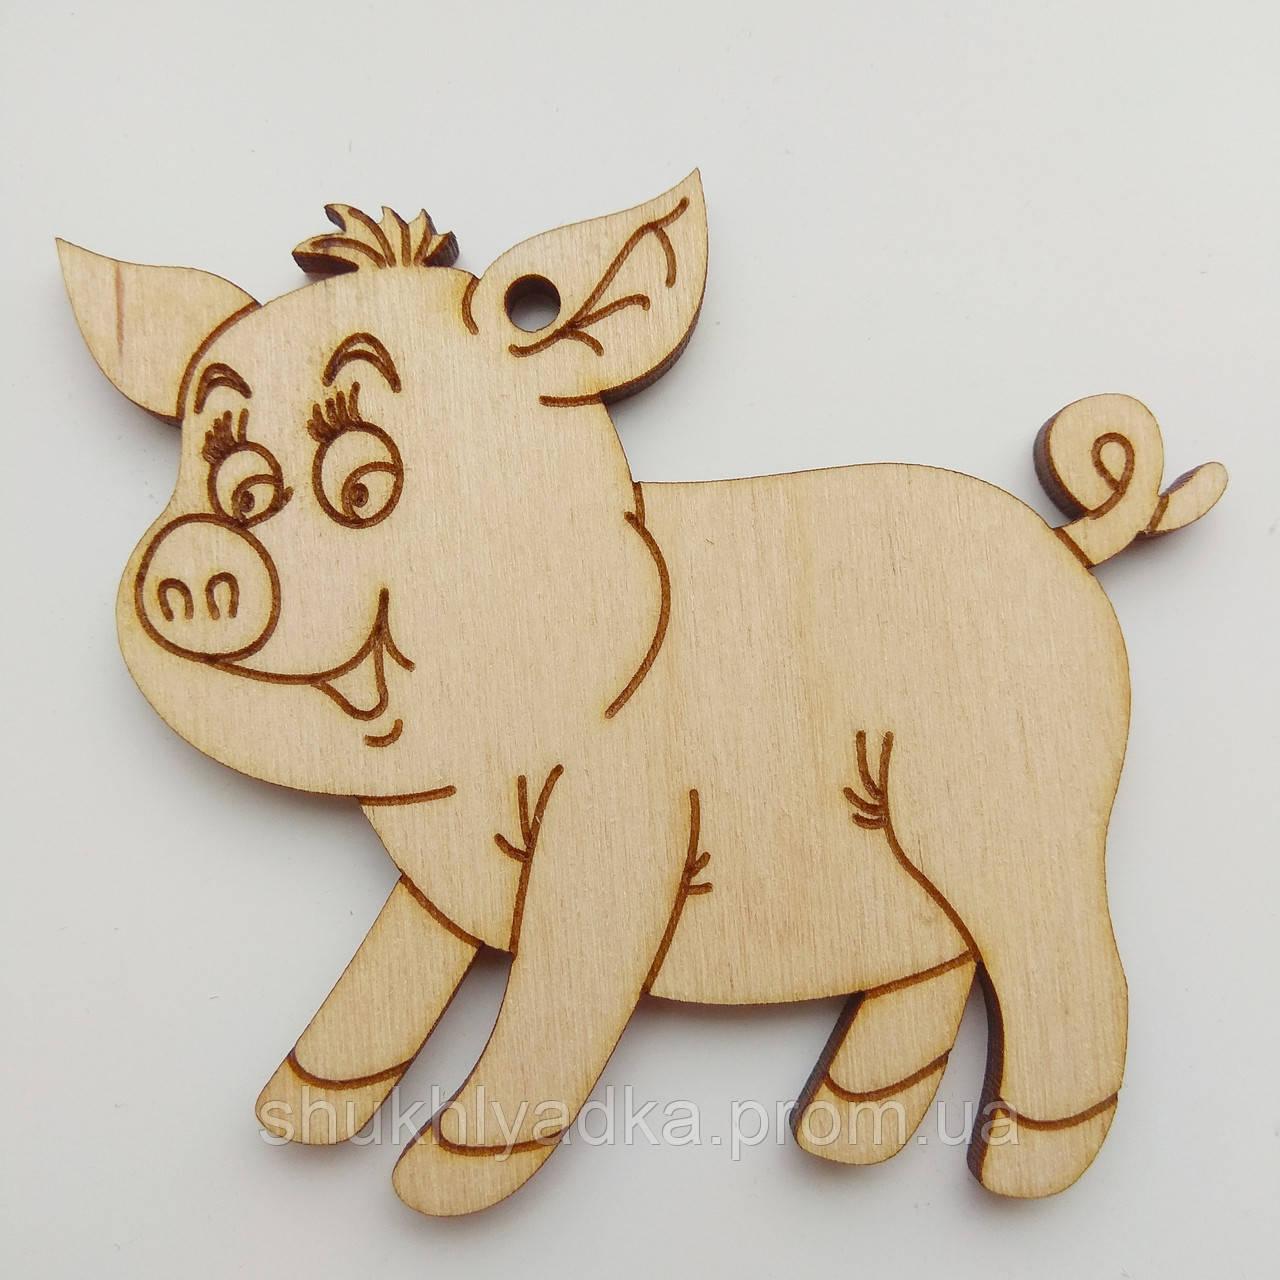 Новогодняя деревянная елочная игрушка Свинка с чубчиком_деревянная заготовка_Новый год